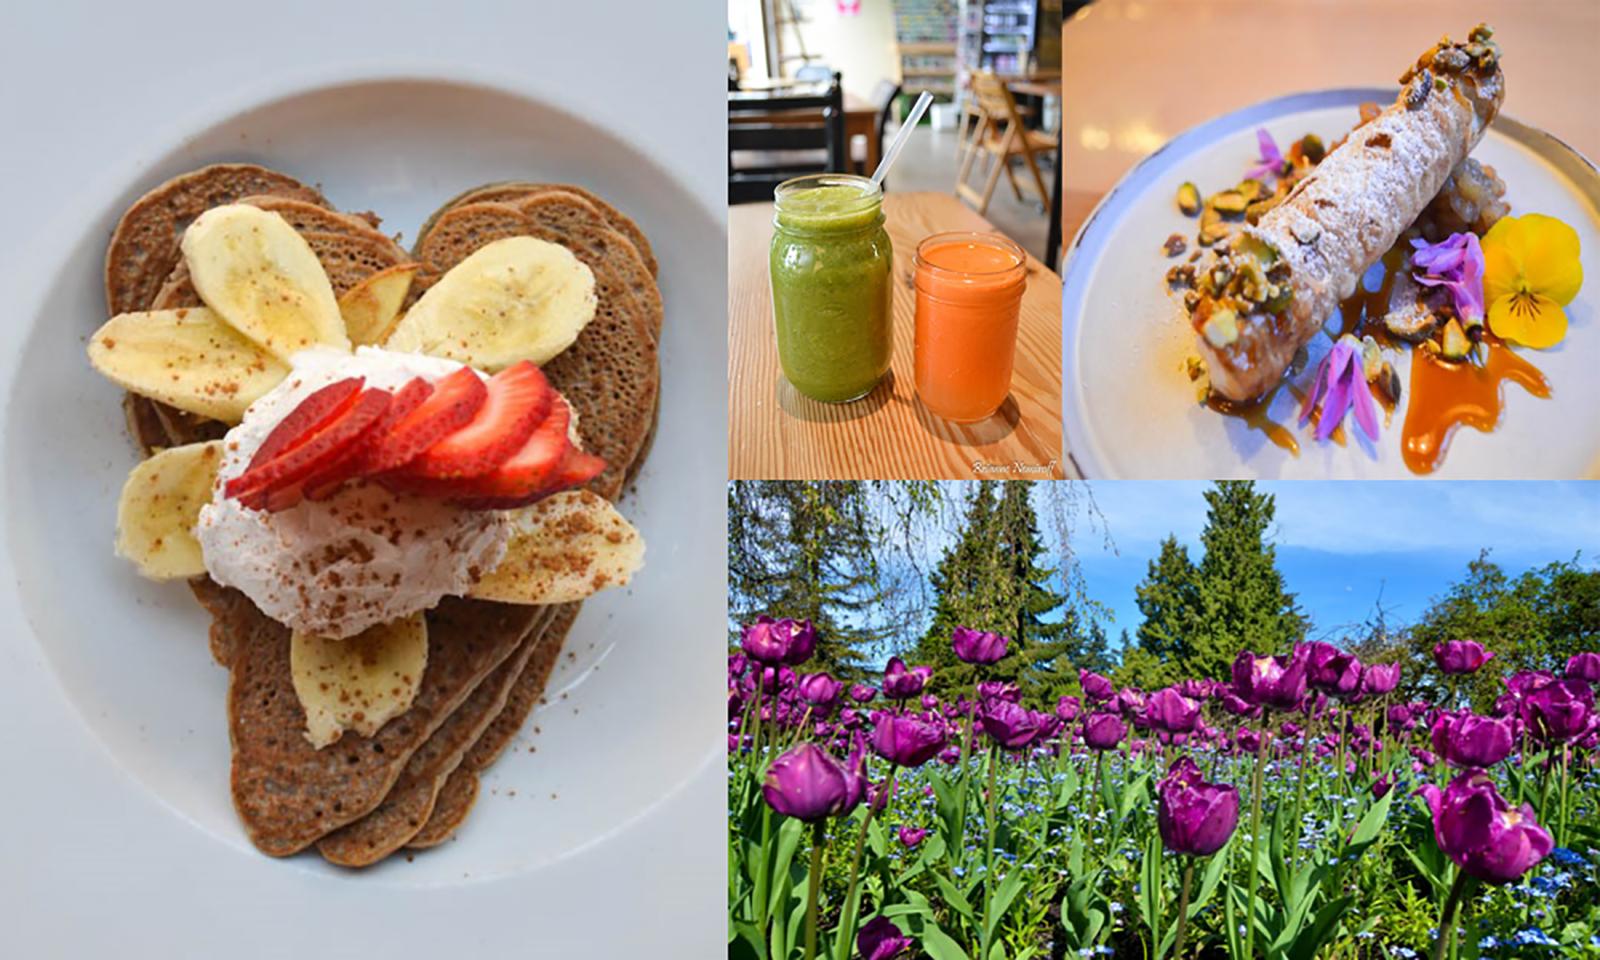 Visiting-as-a-Vegan-Vegetarian-in-Vancouver-main-image-1000x600